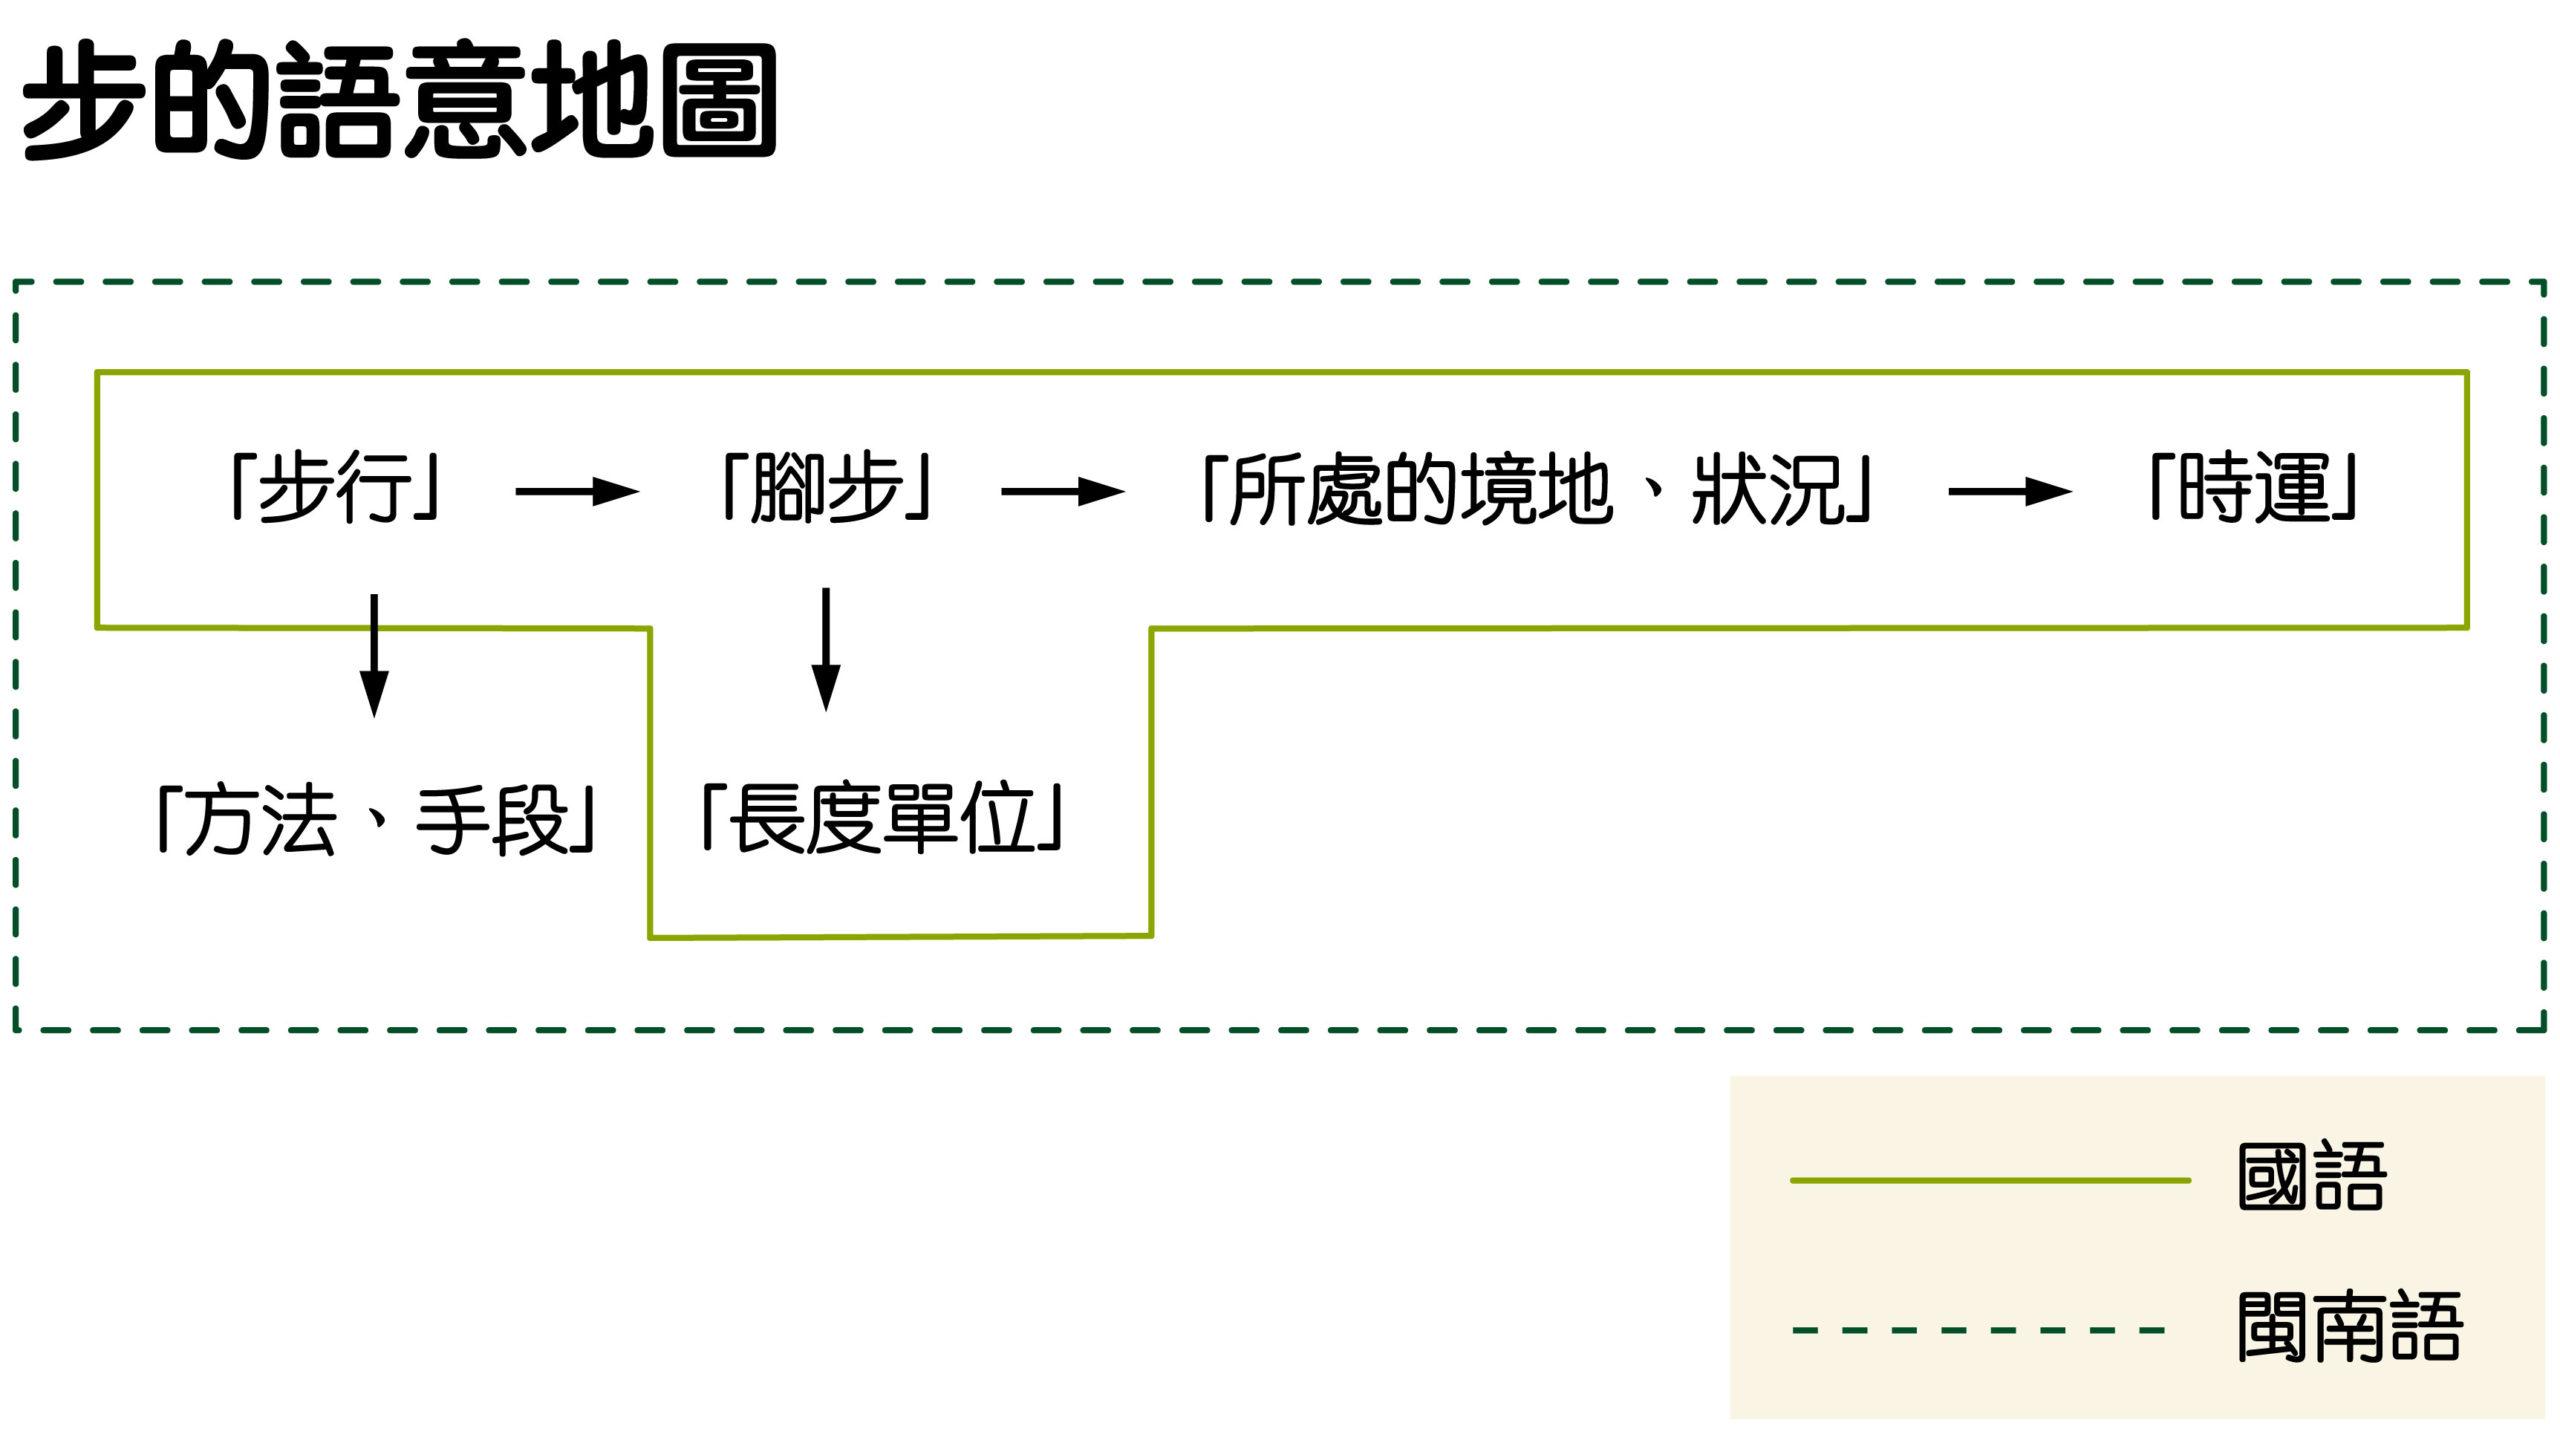 閩南語中的「步」擴充出「方法、手段」的語意,有許多相關詞彙。在台灣華閩交雜的語言使用脈絡下,閩南語的語意滲入國語,因此出現「奧步」、「撇步」這類新詞彙。圖│研之有物(資料來源│蕭素英)